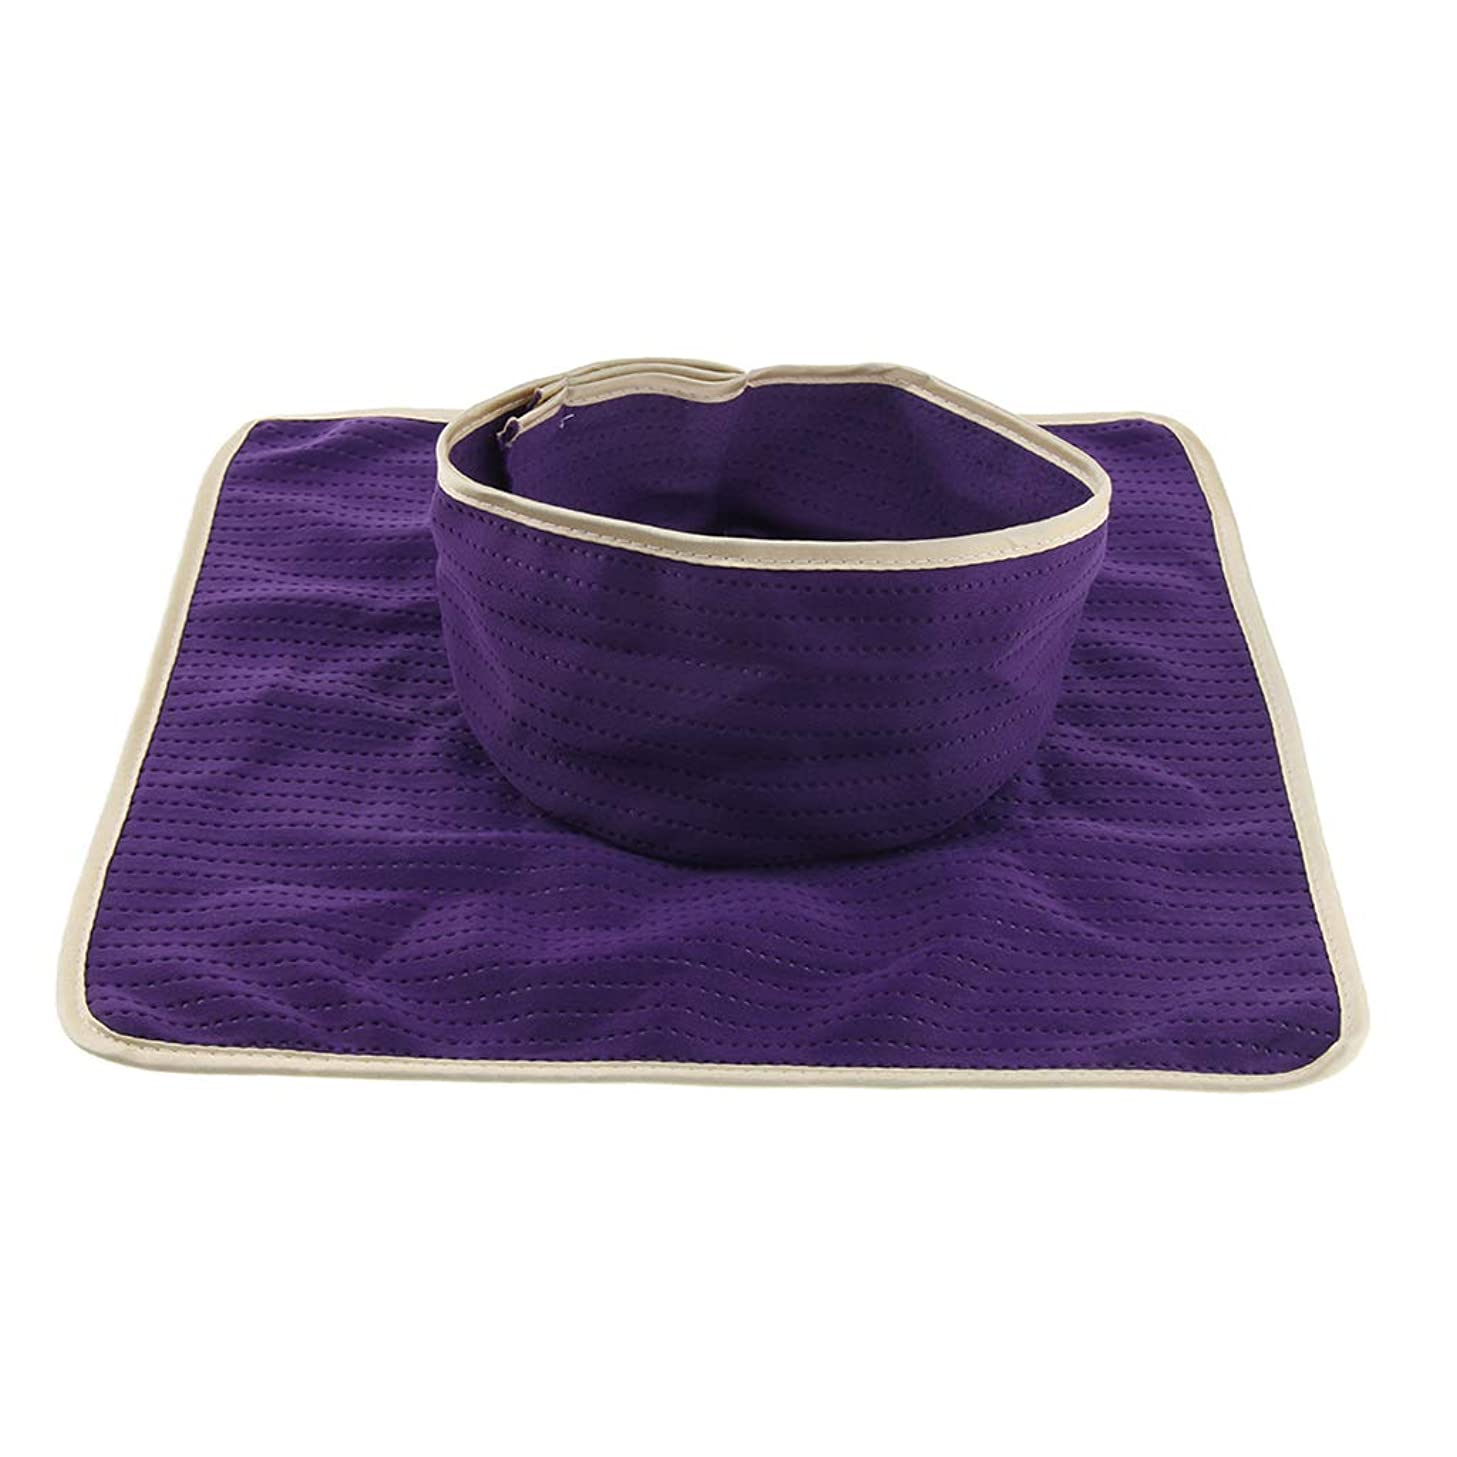 暴徒私たち自身ちっちゃいBaoblaze マッサージのベッド用 パッド マットシート 顔の穴付き 洗える 約35×35cm 全3色 - 紫